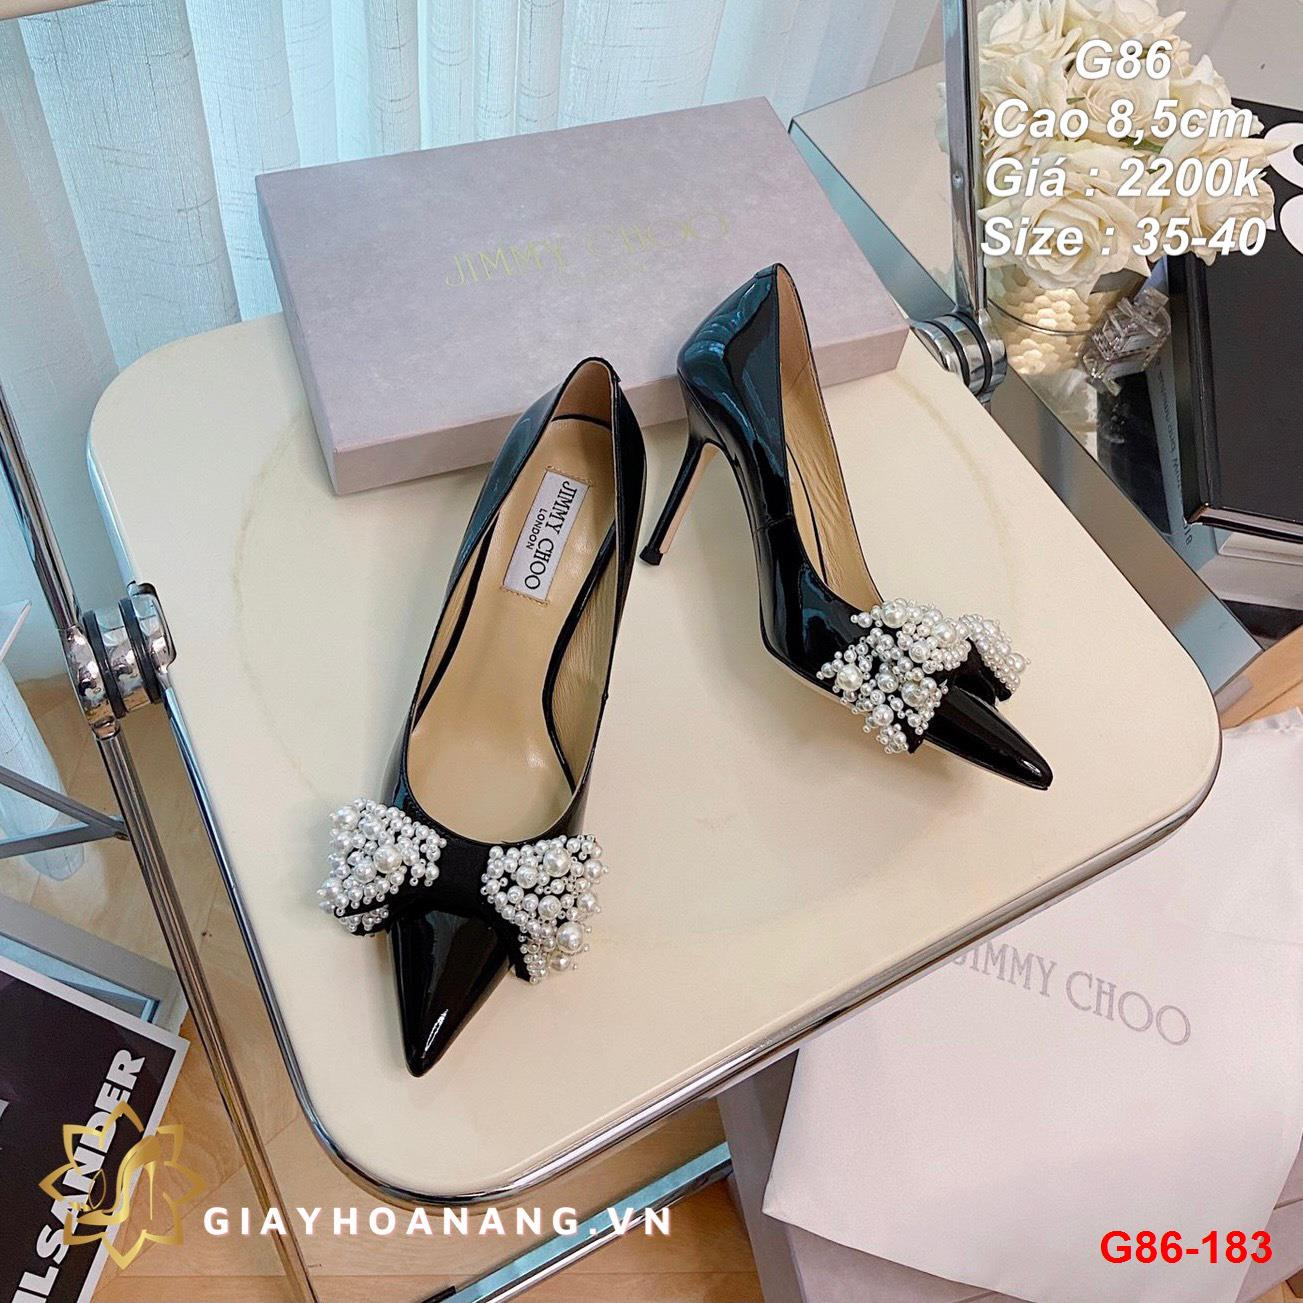 G86-183 Jimmy Choo giày cao 8,5cm siêu cấp